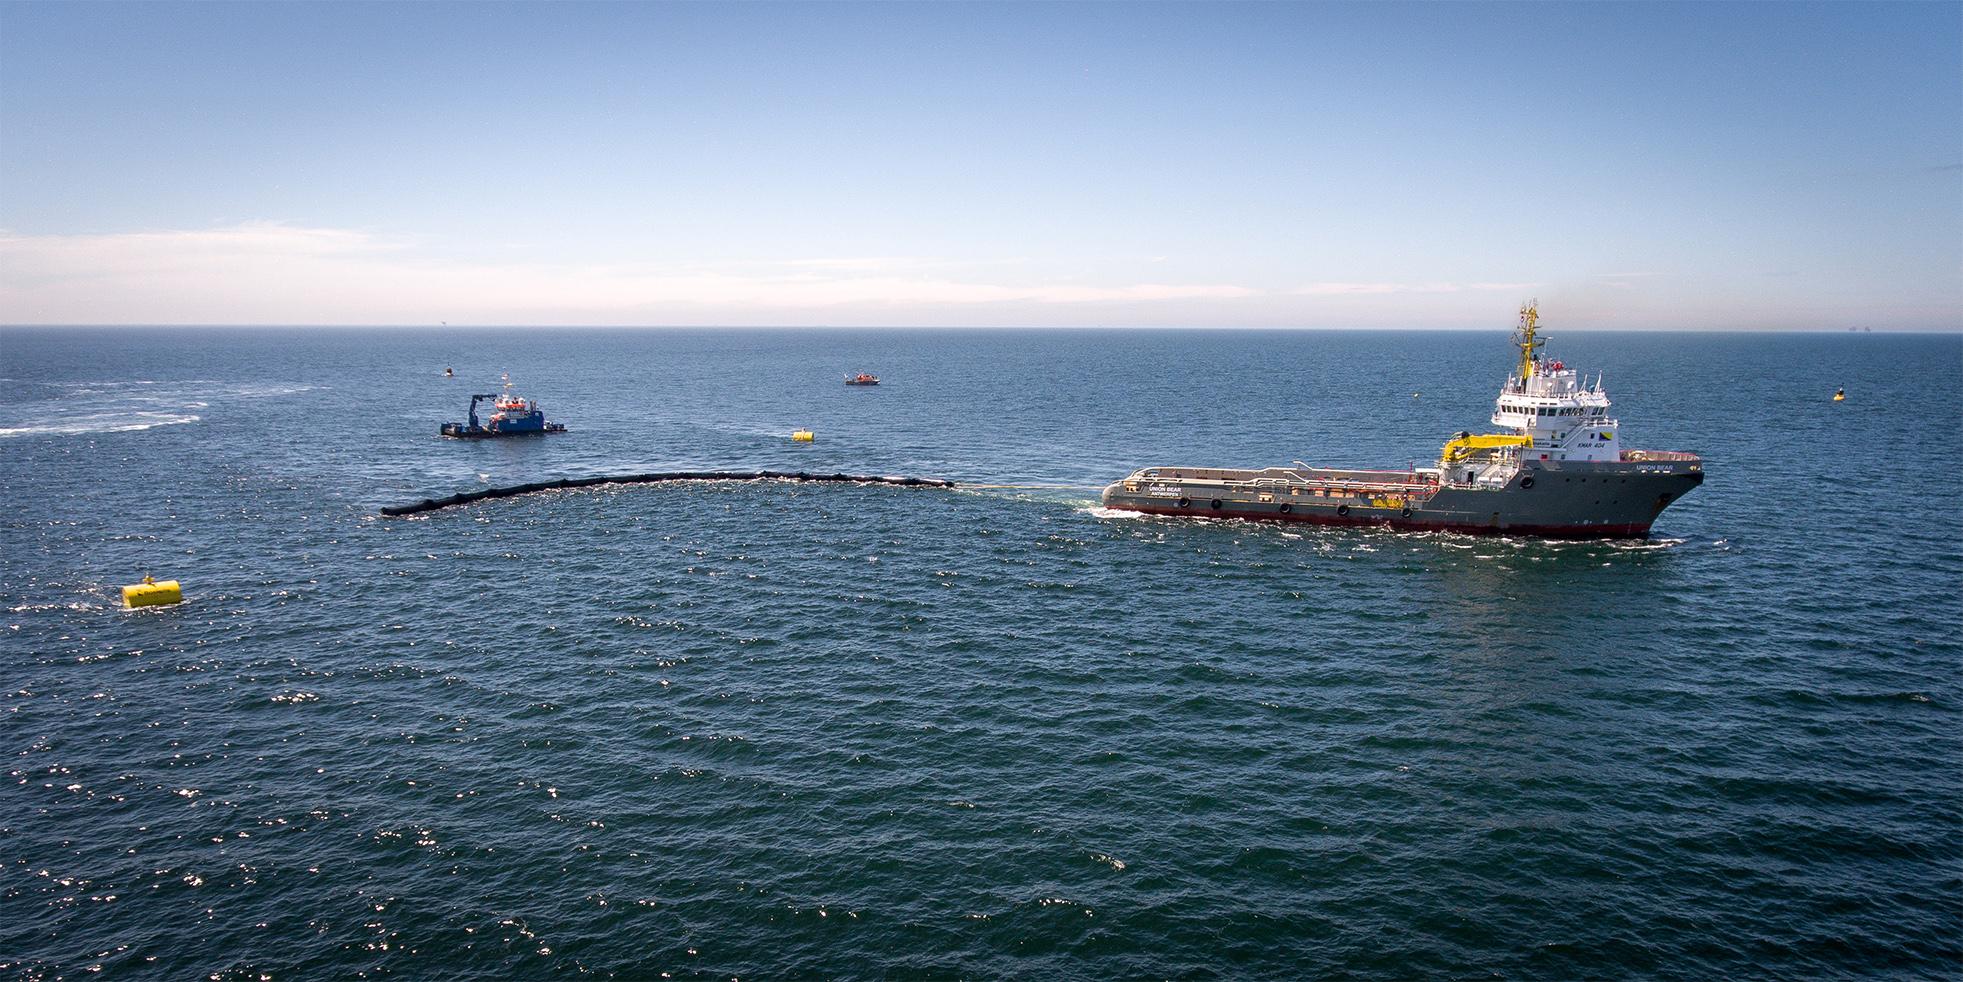 Un des bateaux de The Ocean Cleanup